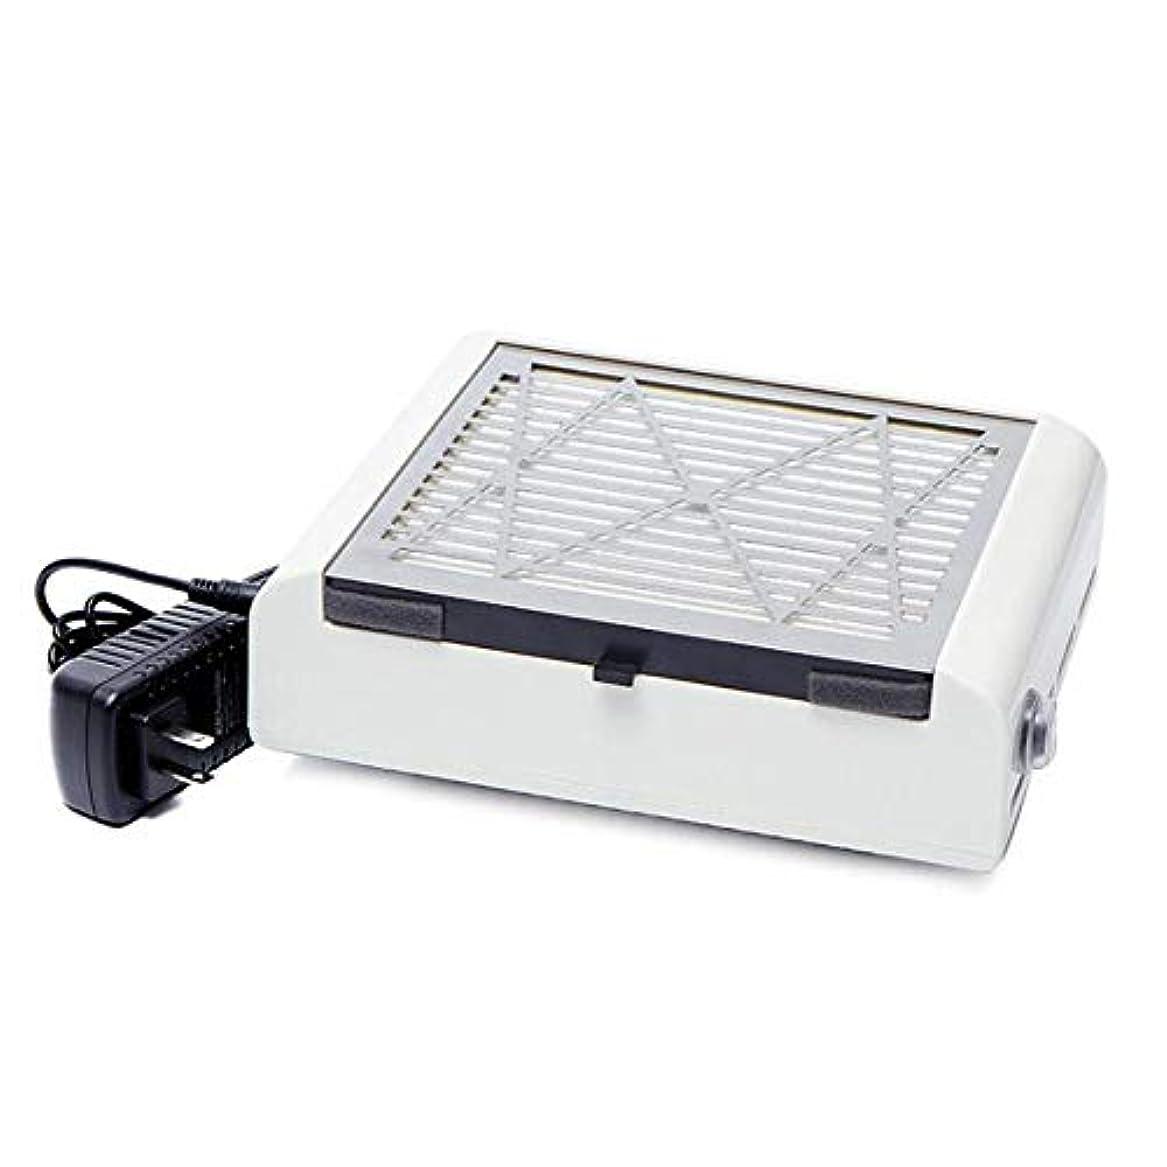 からかう負荷移動集塵機 ネイルダスト ネイル ネイル機器 ダストクリーナー 強力 ハイパワー 音静か プロ用 コレクター フィルター式 吸塵 ネイル用品 電動 (ホワイト)